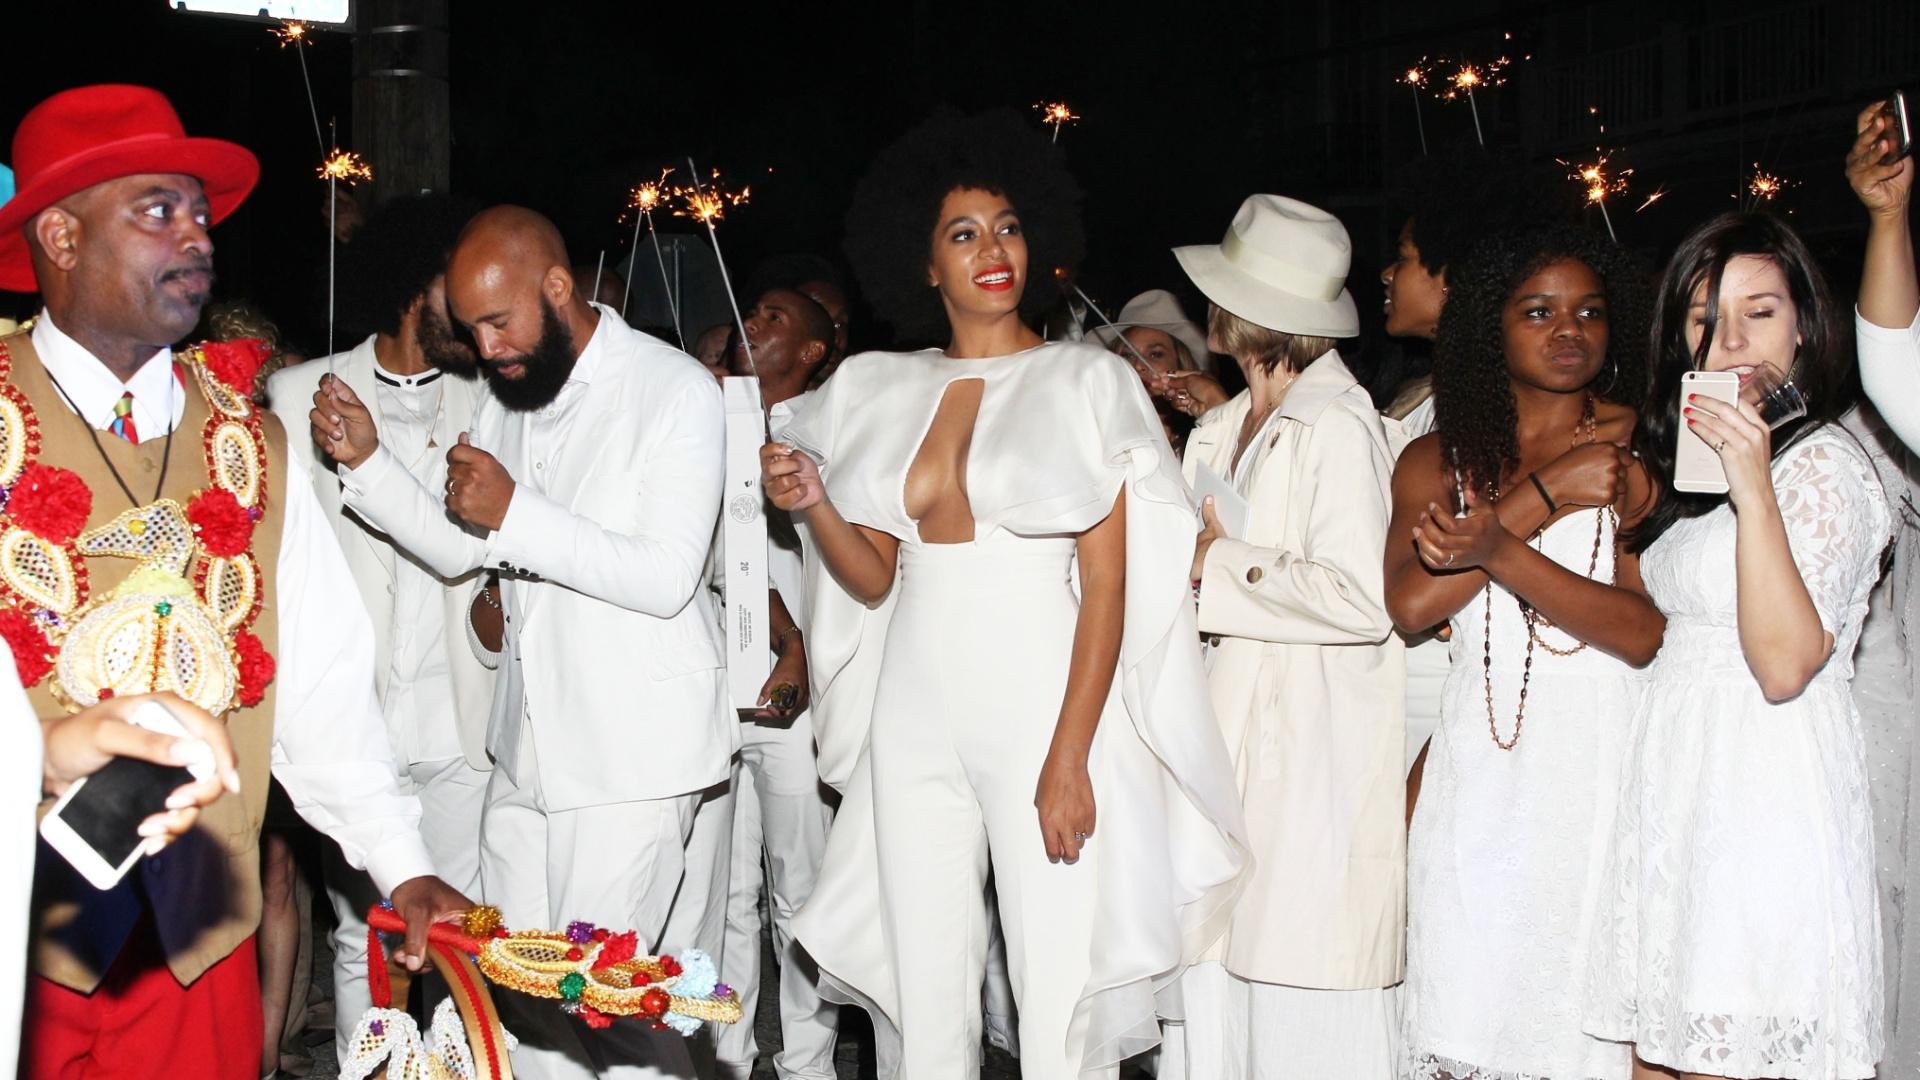 16.nov.2014 - Após cerimônia de casamento, a cantora Solange Knowles, o diretor Alan Ferguson e seus convidados comemoram a união com festa nas ruas de Nova Orleans